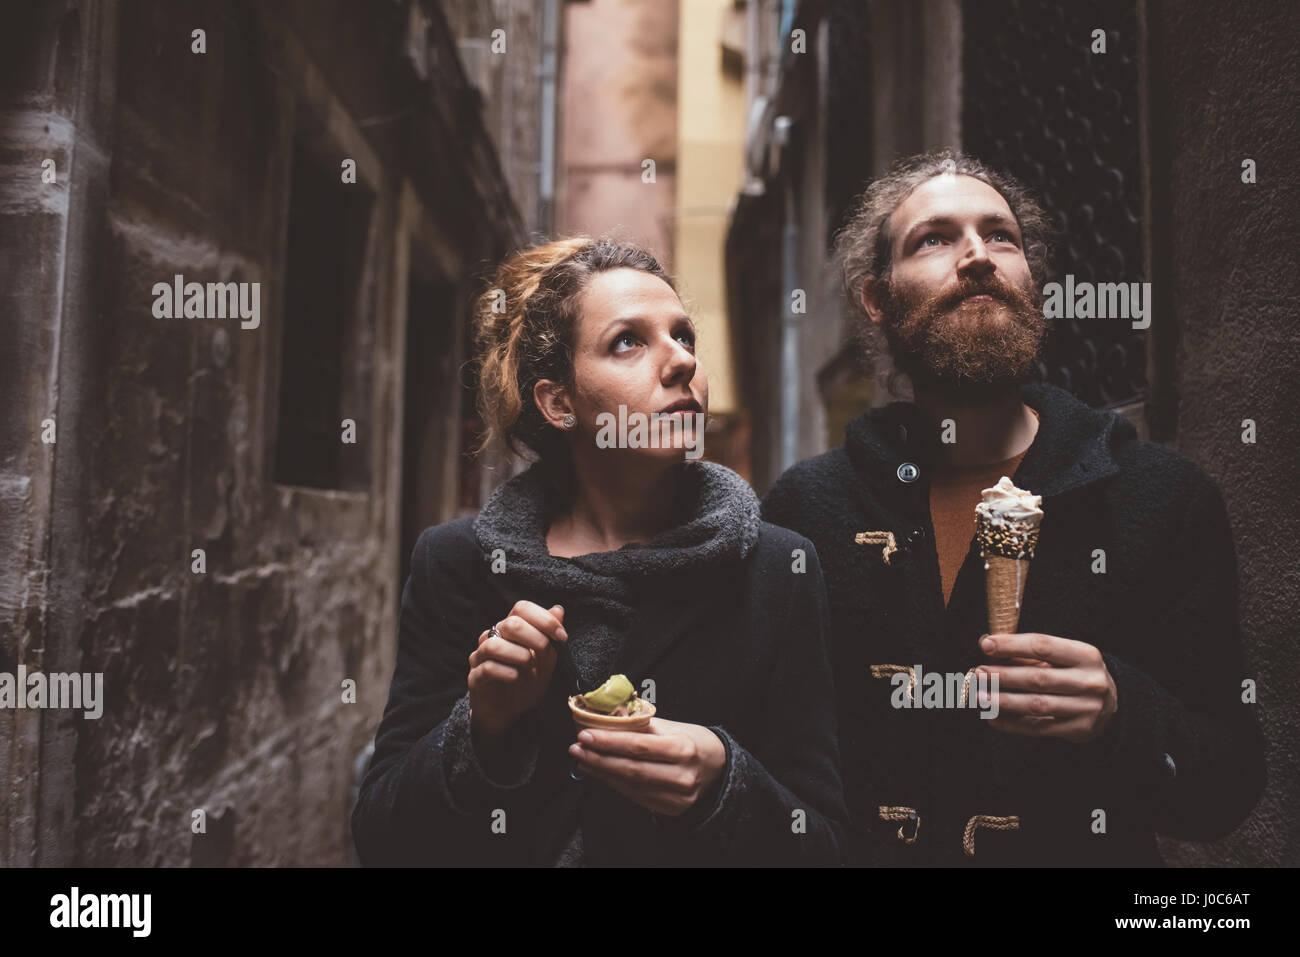 Pareja con helado en el oscuro callejón, Venecia, Italia Imagen De Stock